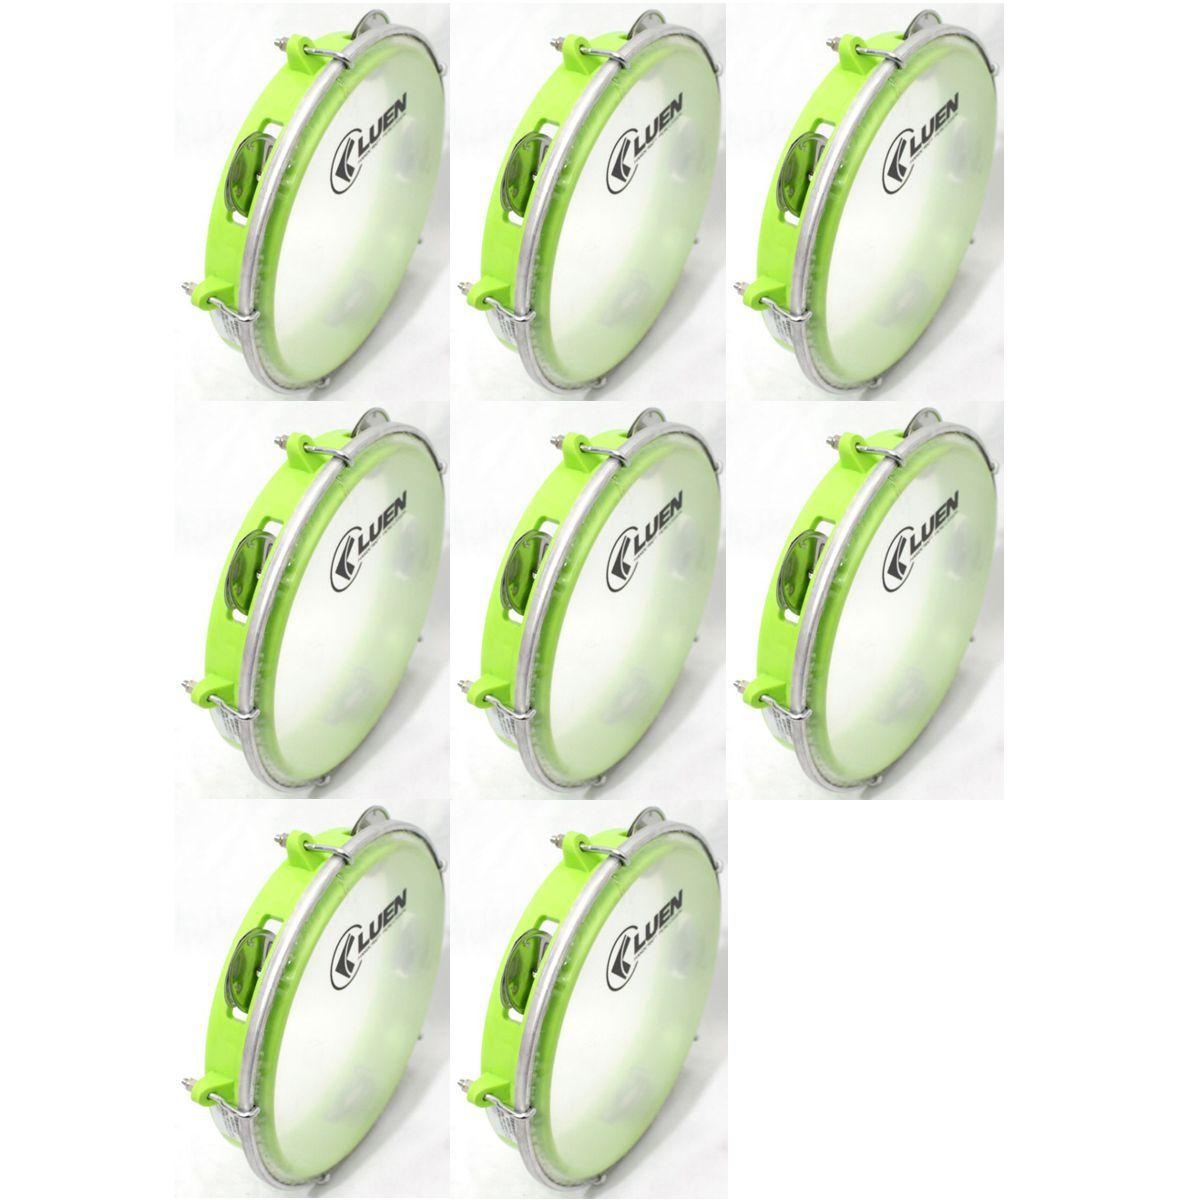 Pandeiro Luen 8 Junior ARO ABS Verde Pele Cristal - 40084VDC - Pacote com 08 Unidades